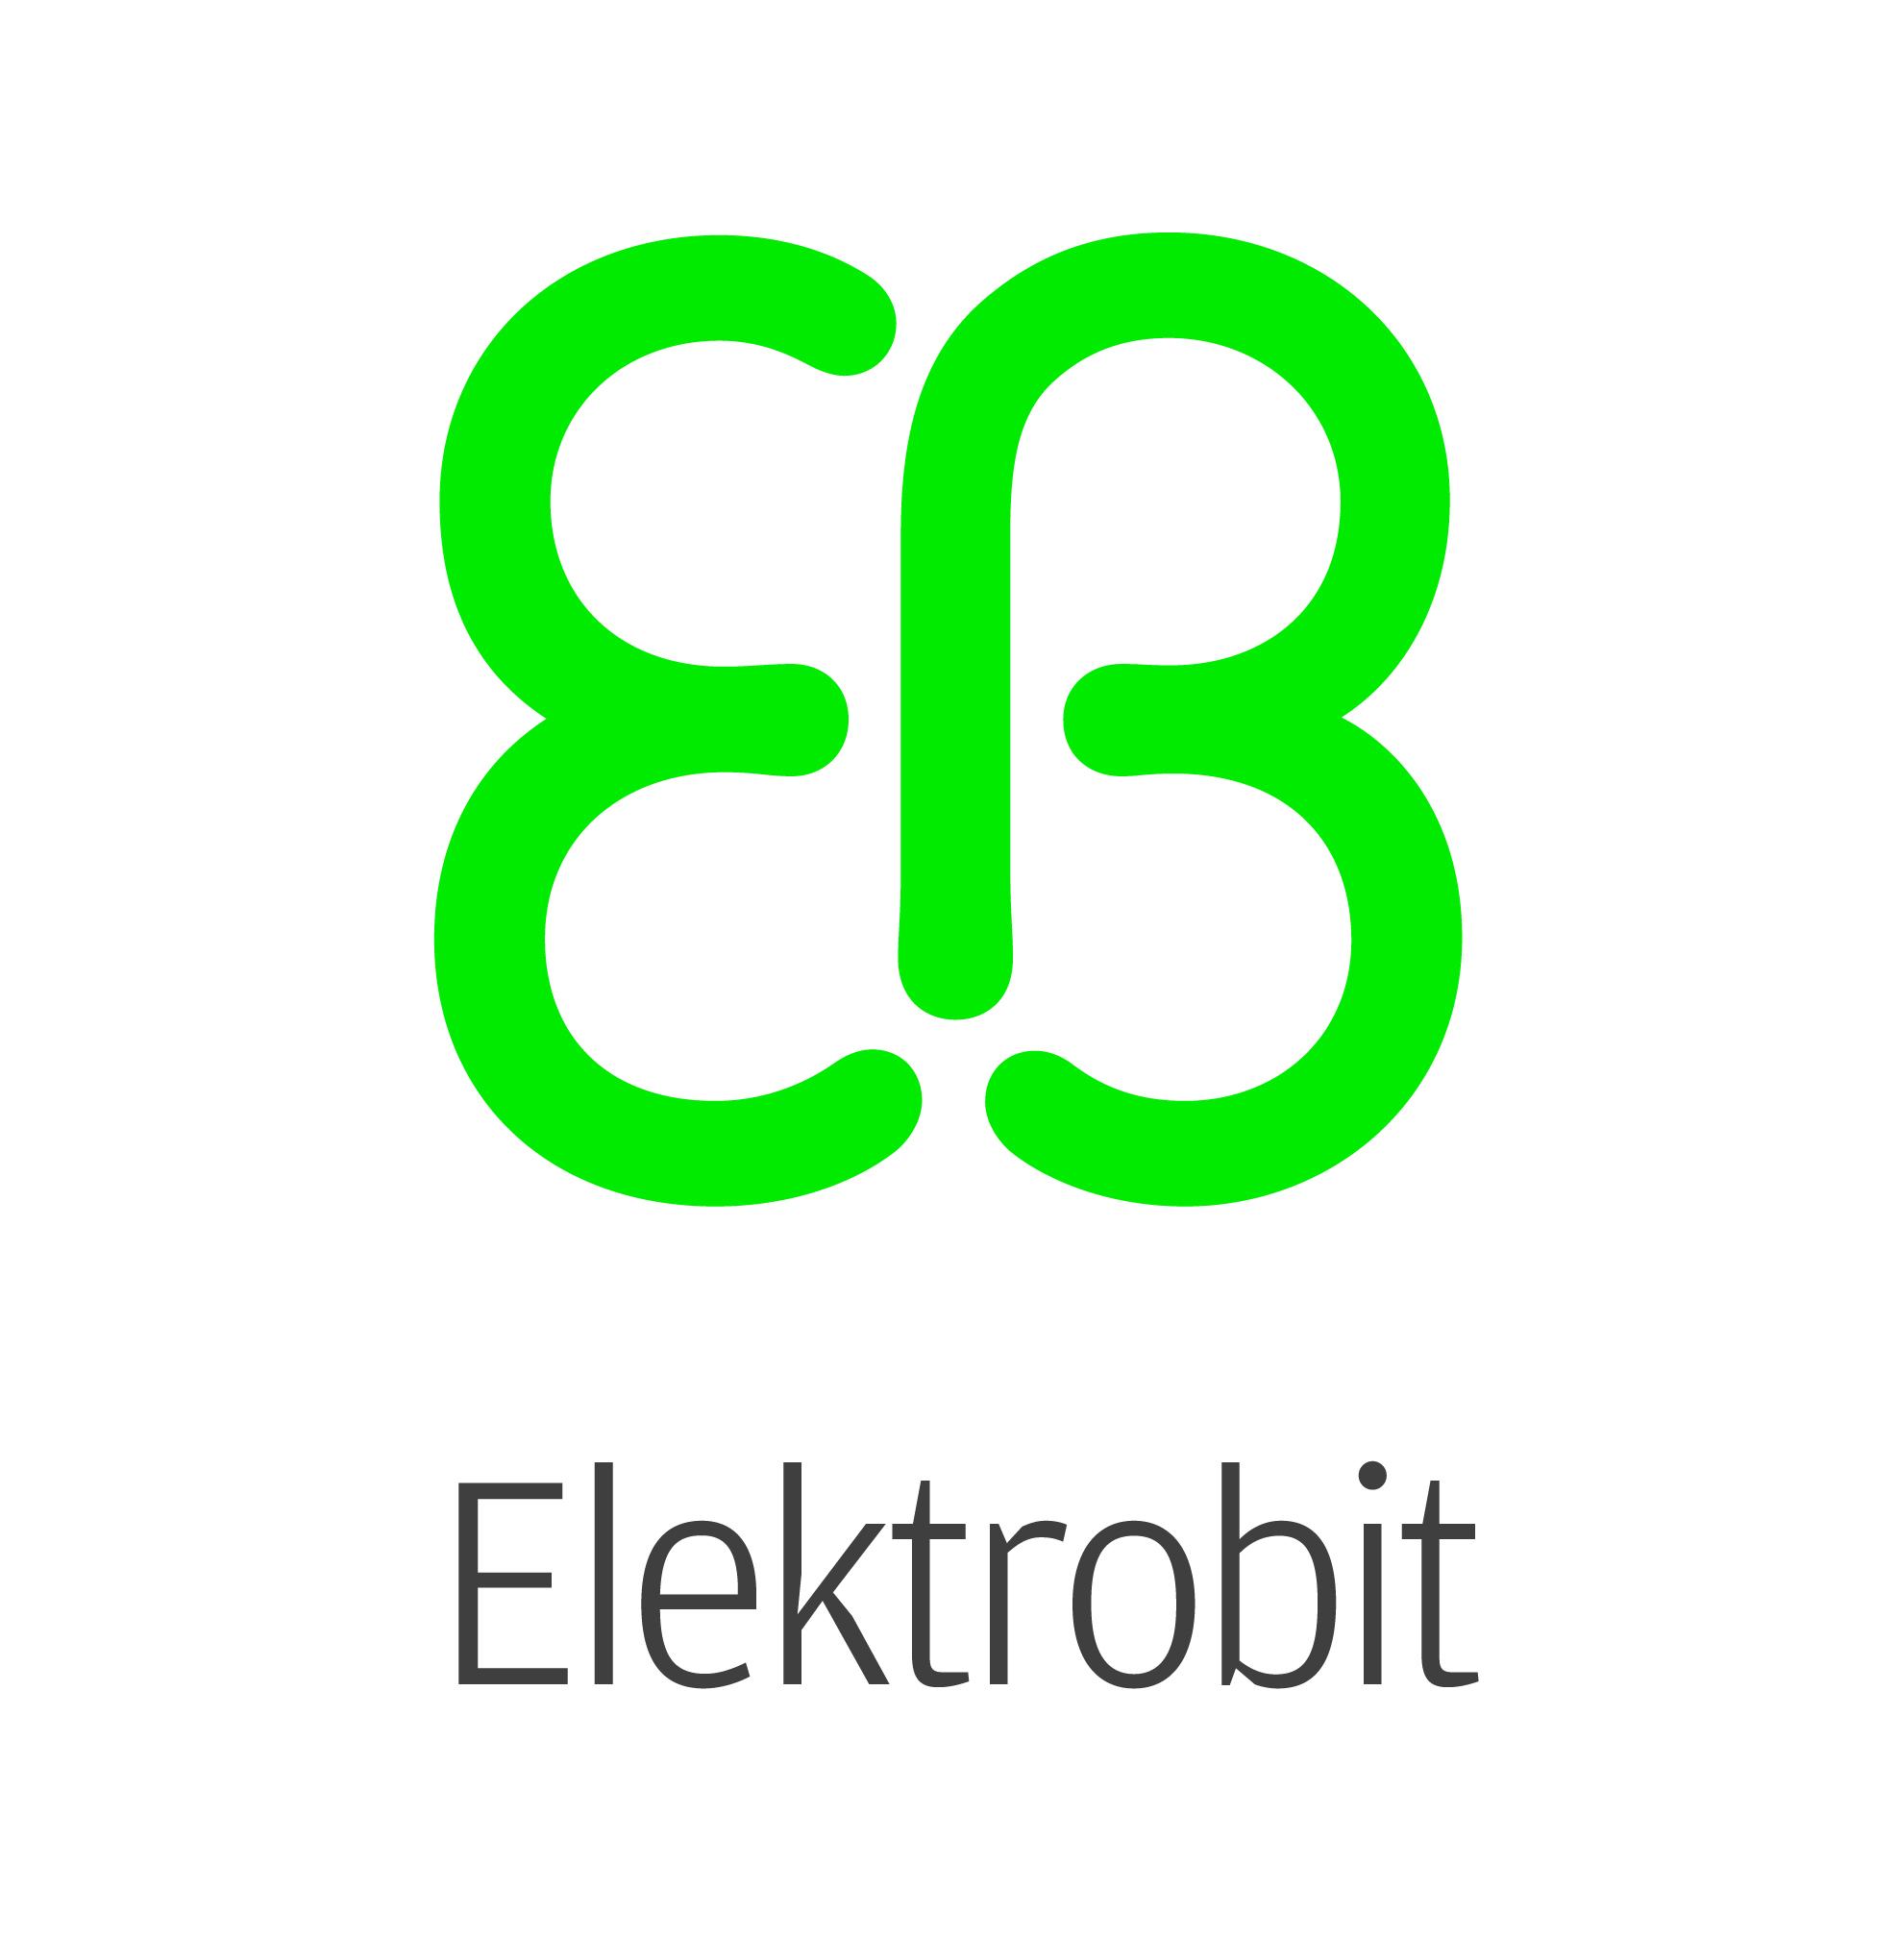 비테스코테크놀로지스코리아의 계열사 일렉트로비트오토모티브코리아(유)의 로고